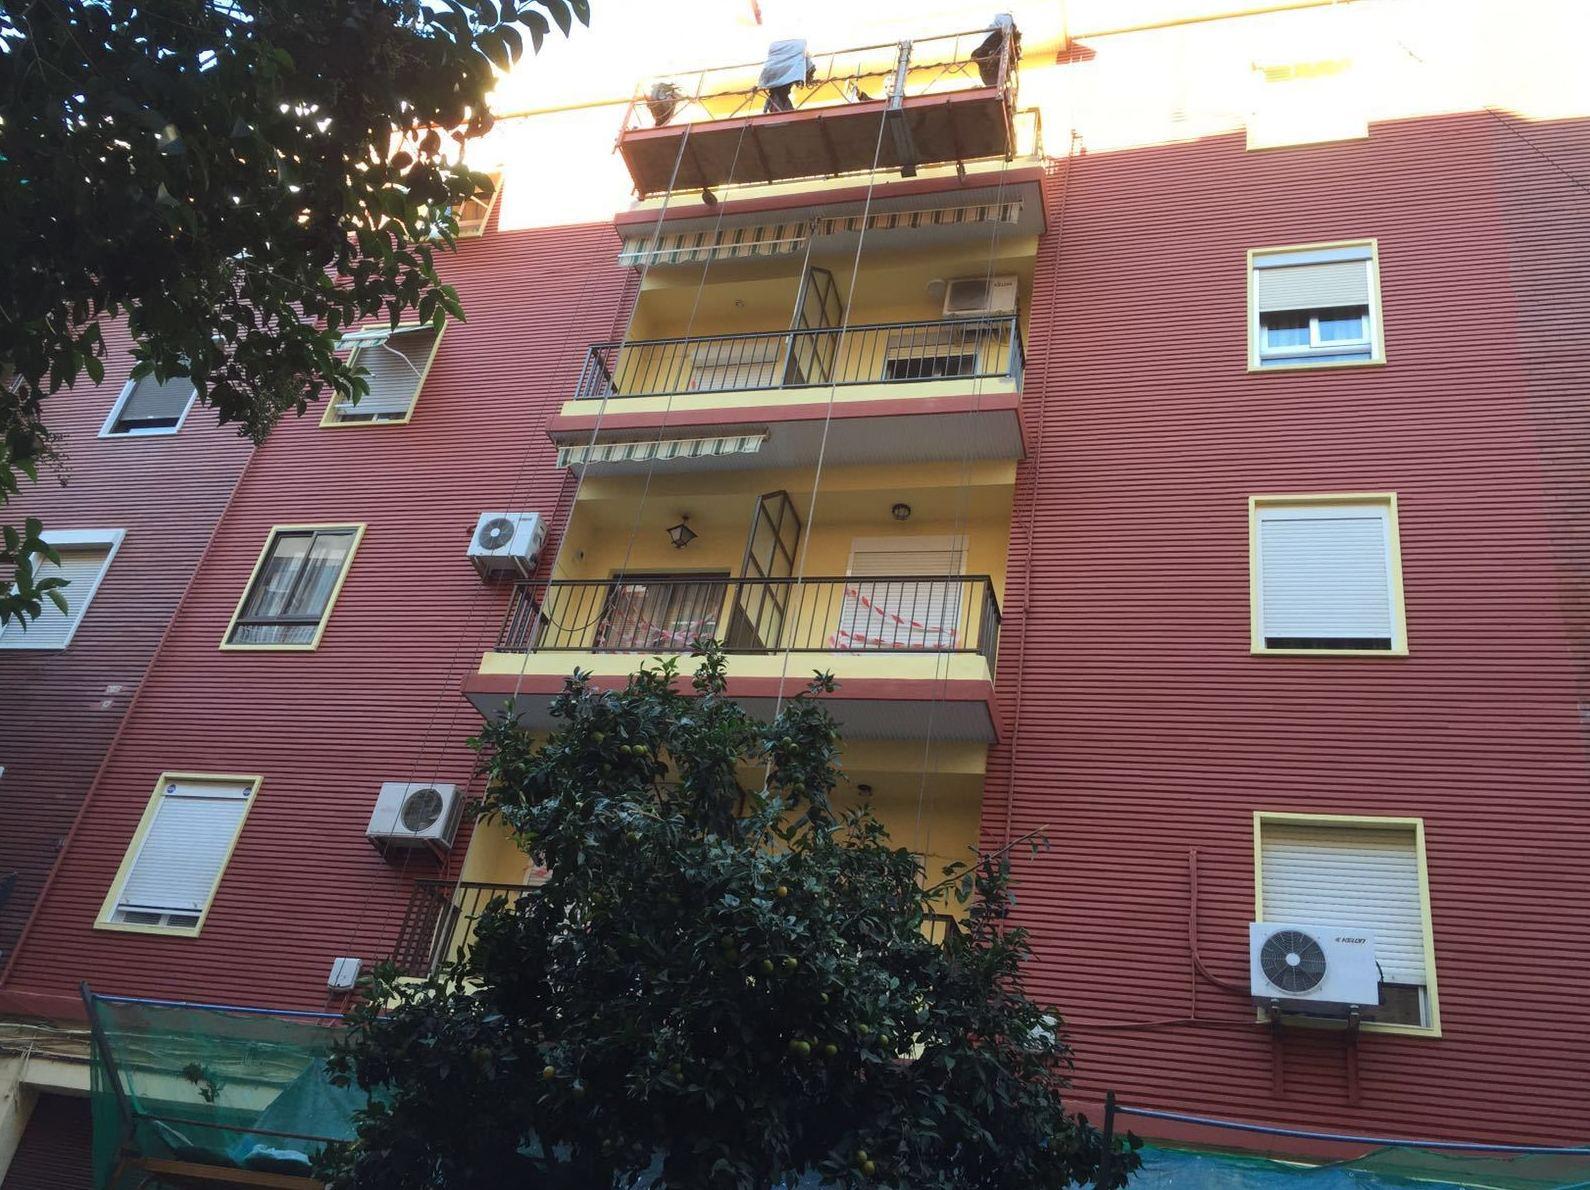 Proceso de pintura de fachada de edificio